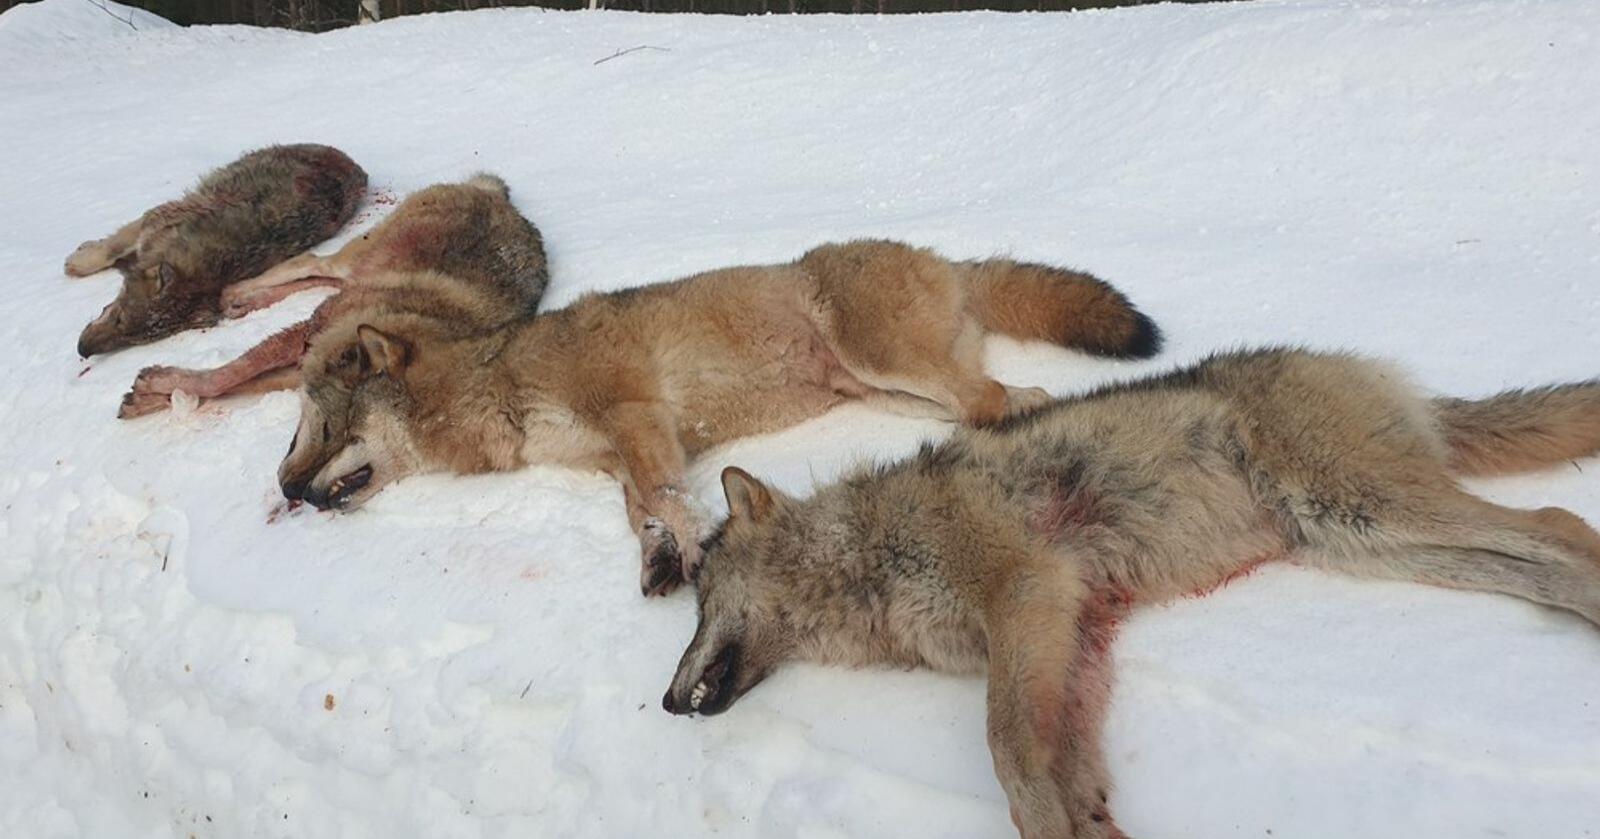 Dommen i Oslo tingrett fredag gir Noah medhold i saken organisasjonen anla mot staten etter vedtaket om lisensfelling av alle ulvene i Letjenna-reviret i Elverum. Foto: Statens naturoppsyn / NTB scanpix